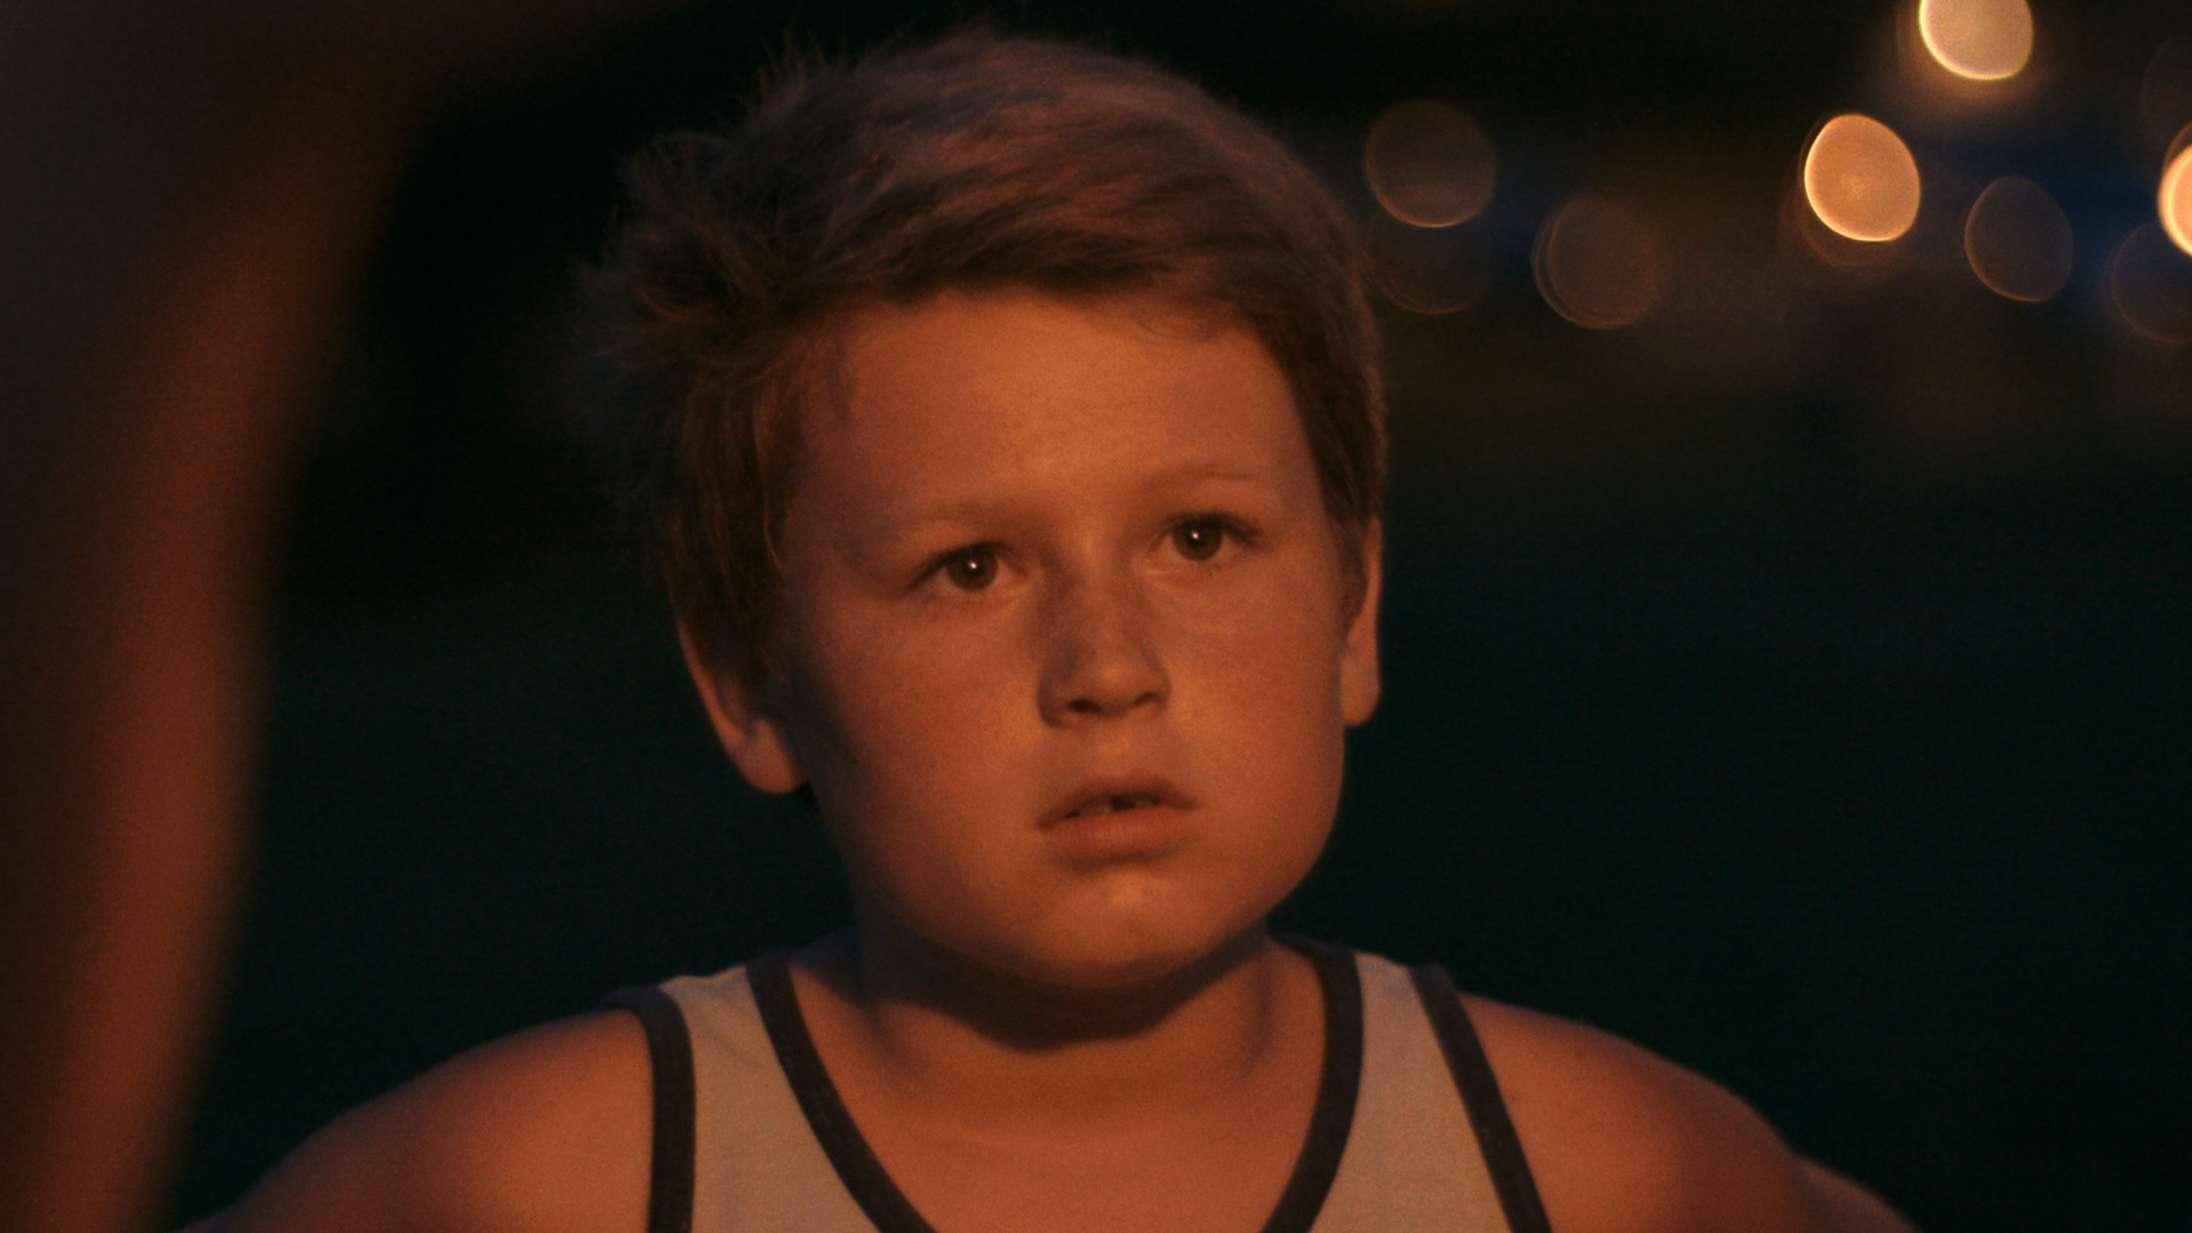 'Bag skyerne': DR-dokumentar om sorg sætter sig ærligt og umiddelbart i børnenes sted